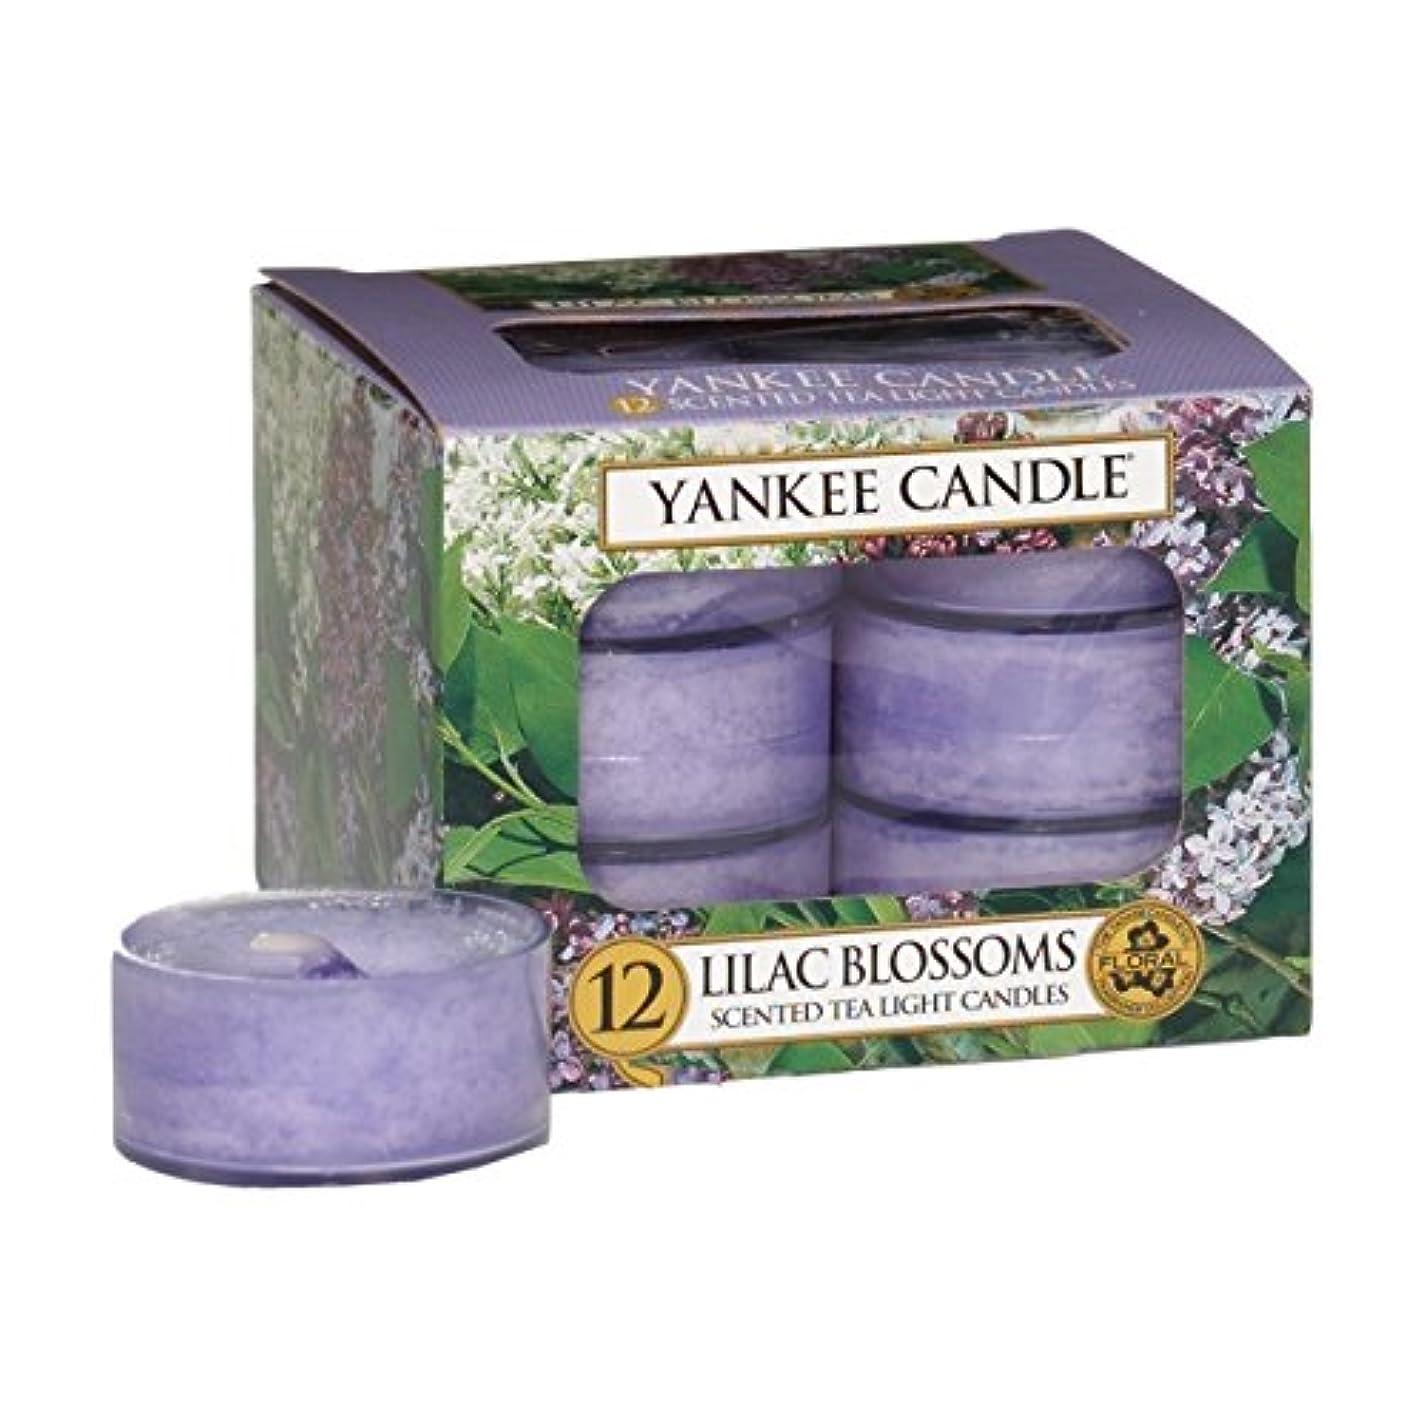 被害者驚かす遠近法Yankee CandleライラックBlossomsティーライトキャンドル、花柄香り